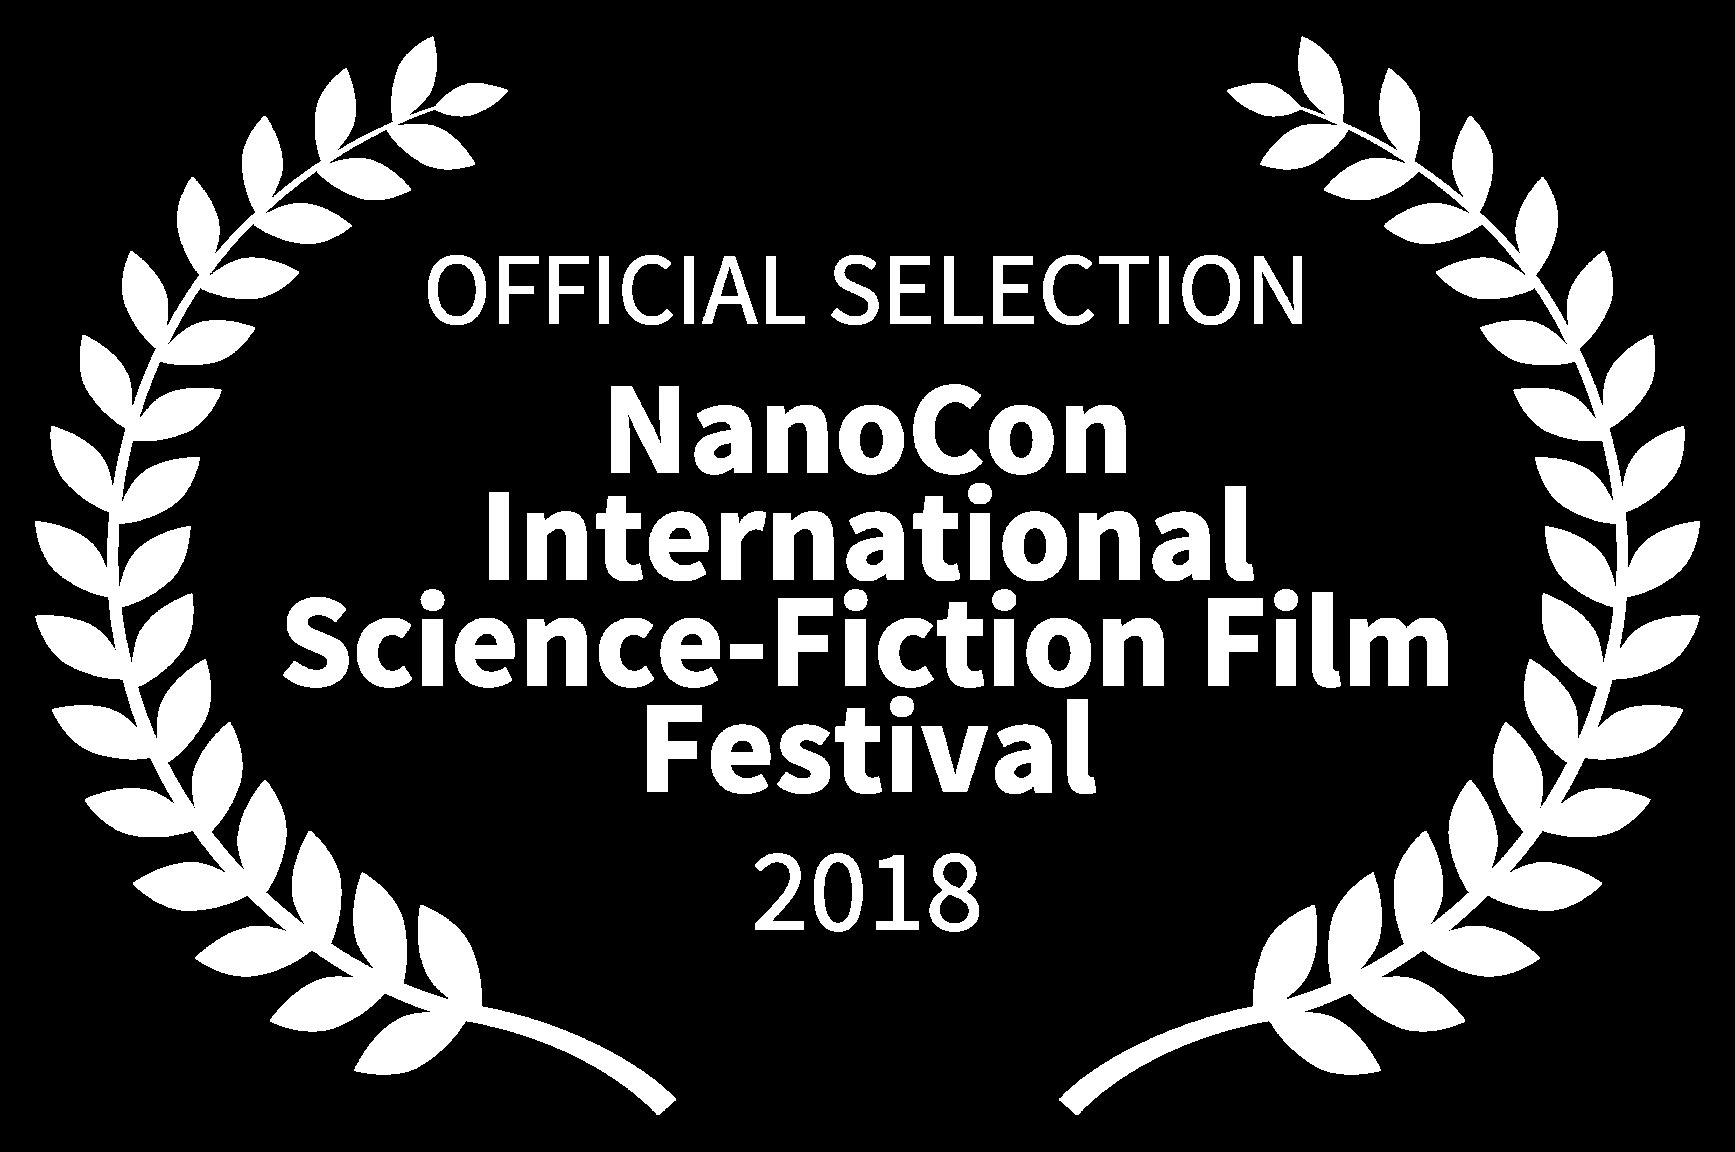 OFFICIAL SELECTION - NanoCon Internation